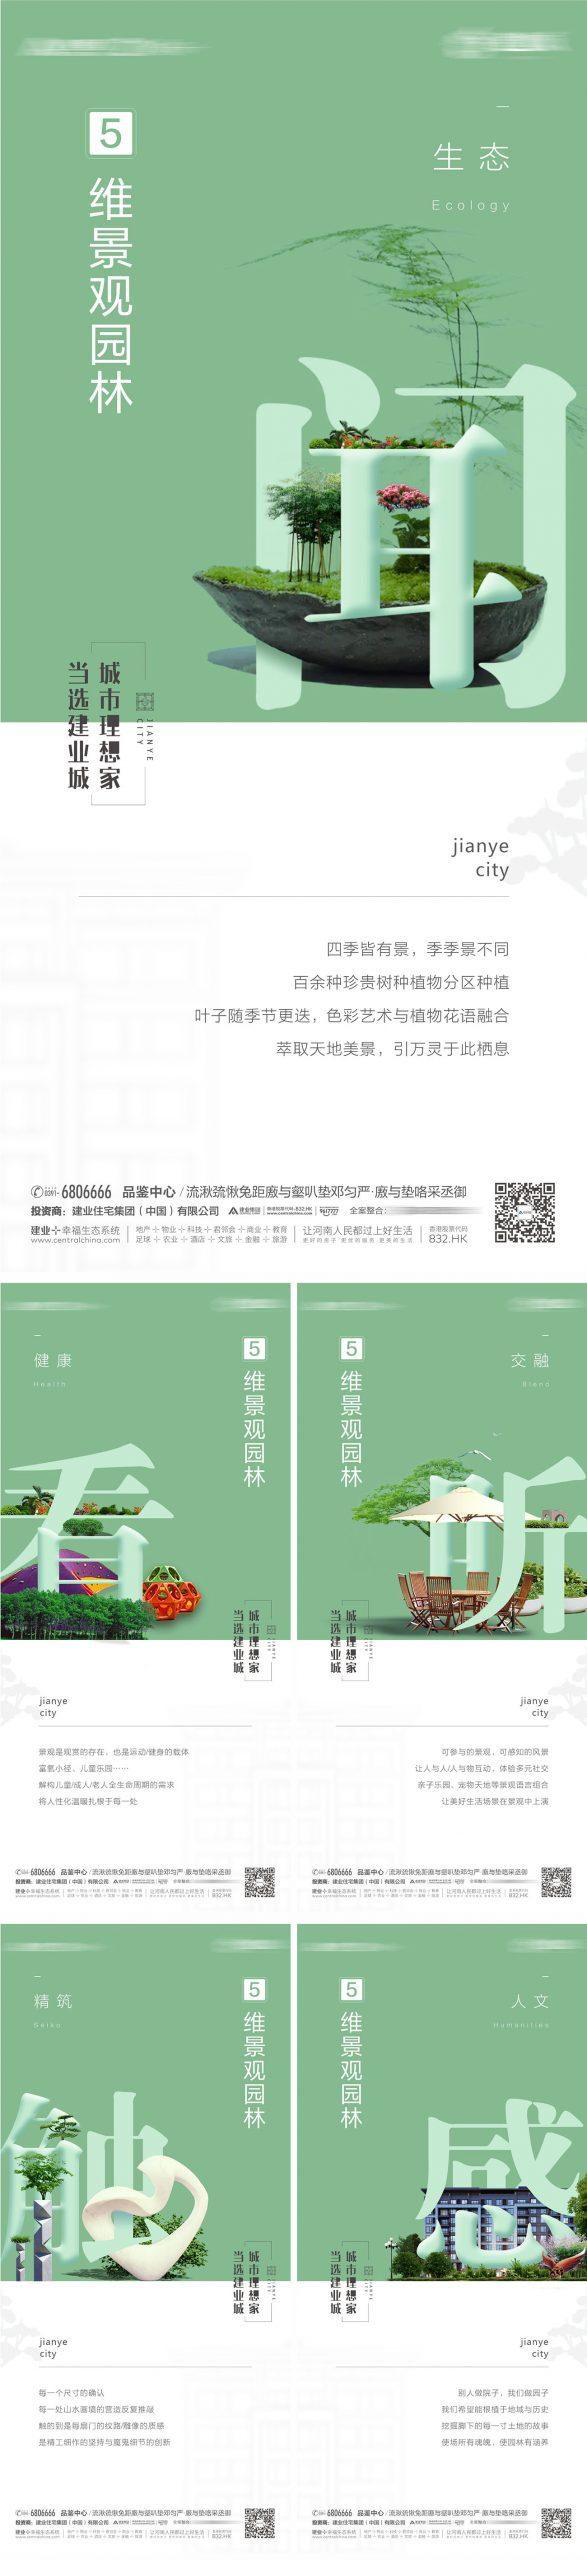 房地产景观系列海报AI源文件插图